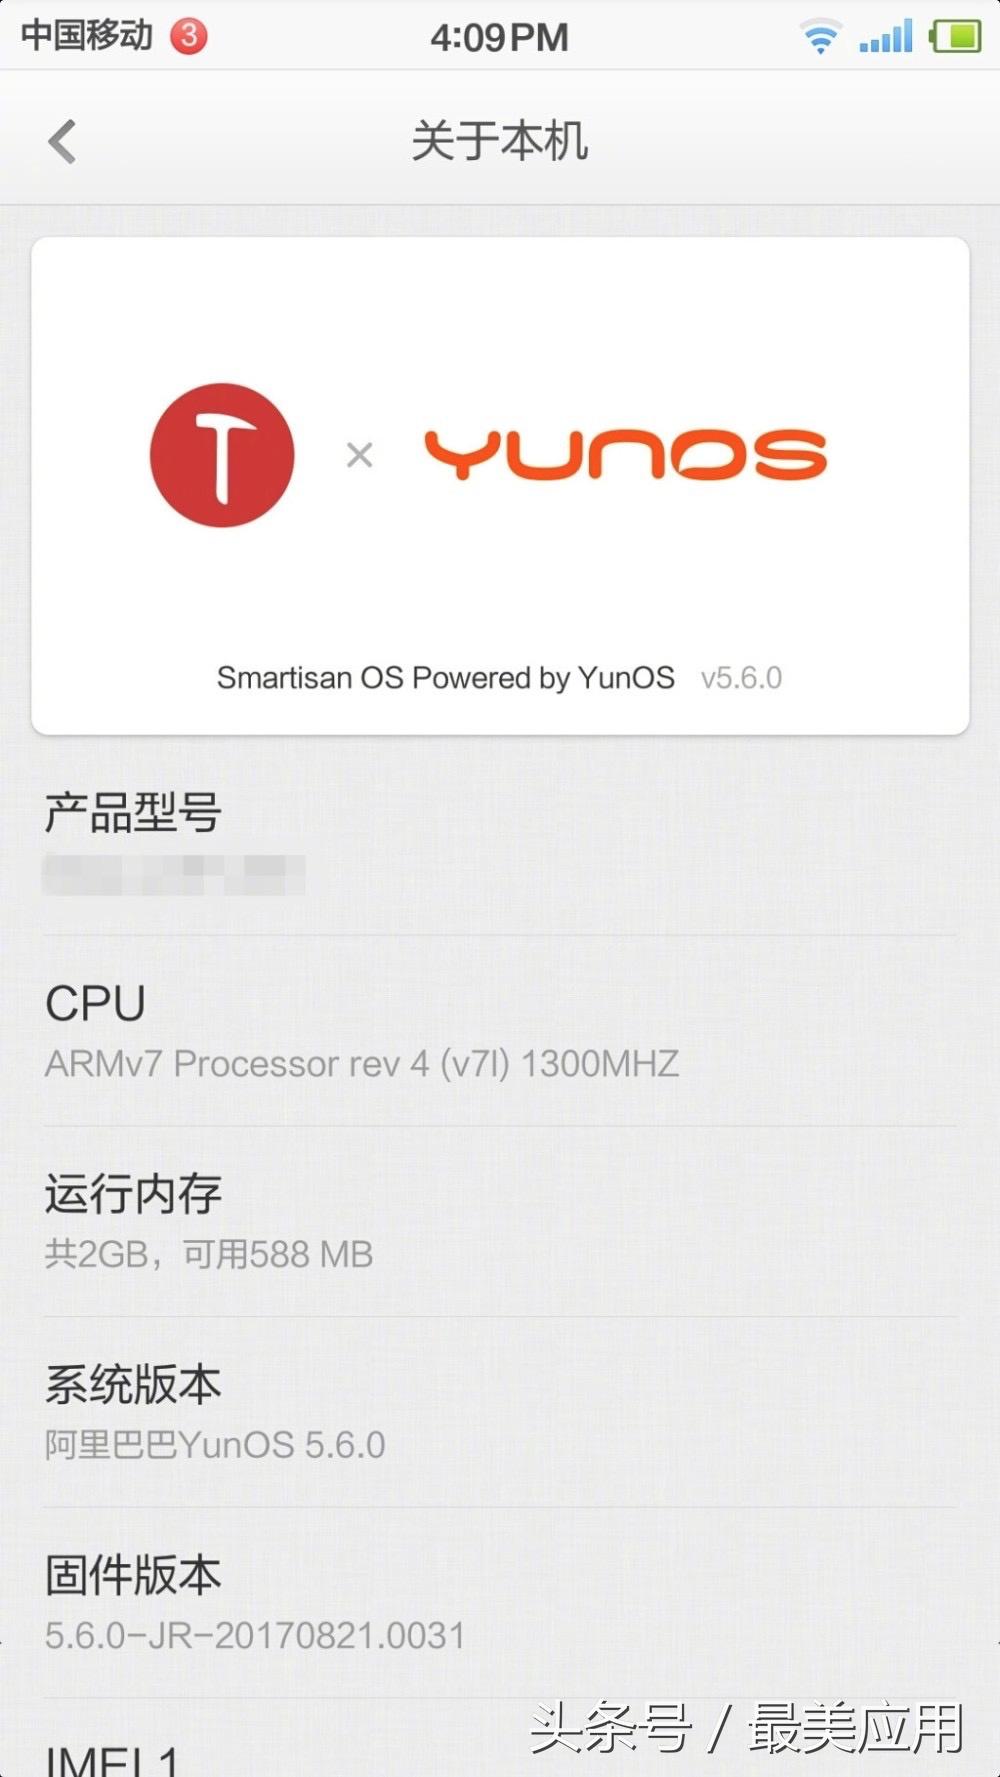 錘頭用 YunOS,小米手機無需 MIUI,這件事情要如何看?